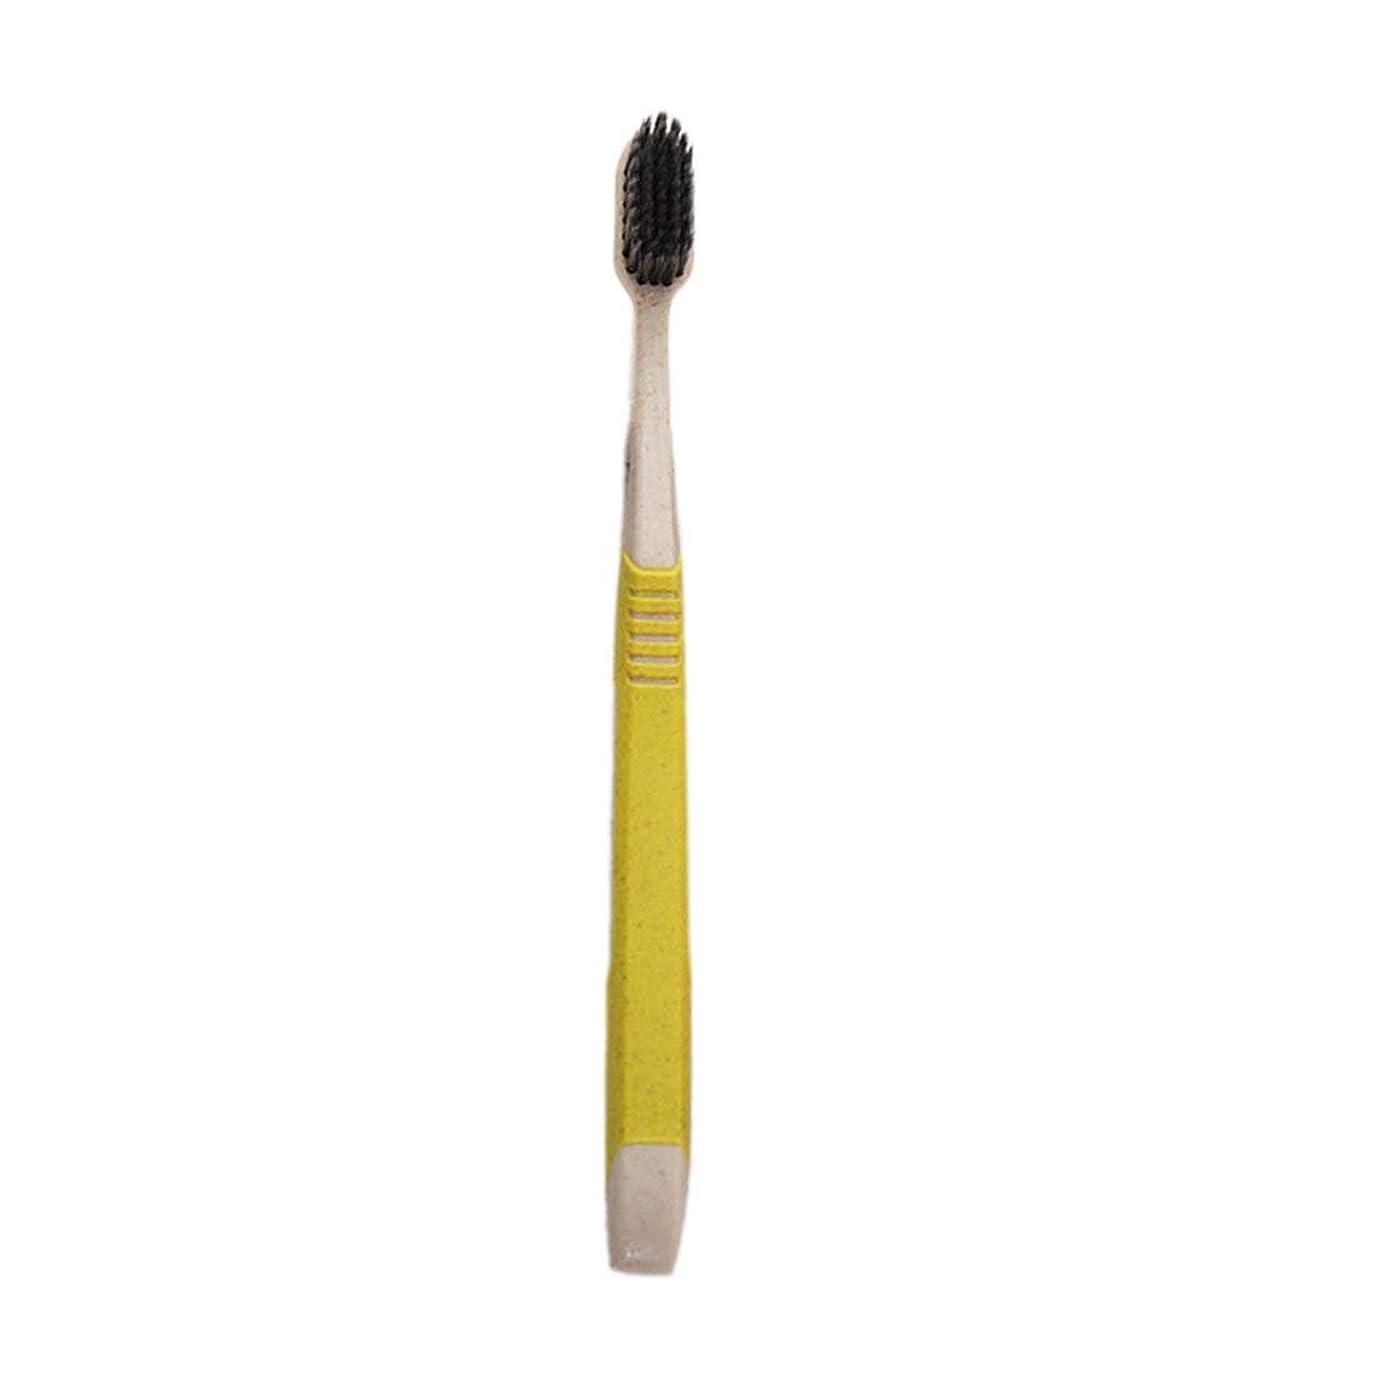 薄汚い触覚葉K-666小麦わらの歯ブラシ歯のクリーニングブラシ竹炭毛ブラシ環境にやさしいブラシ歯のケア - 黄色